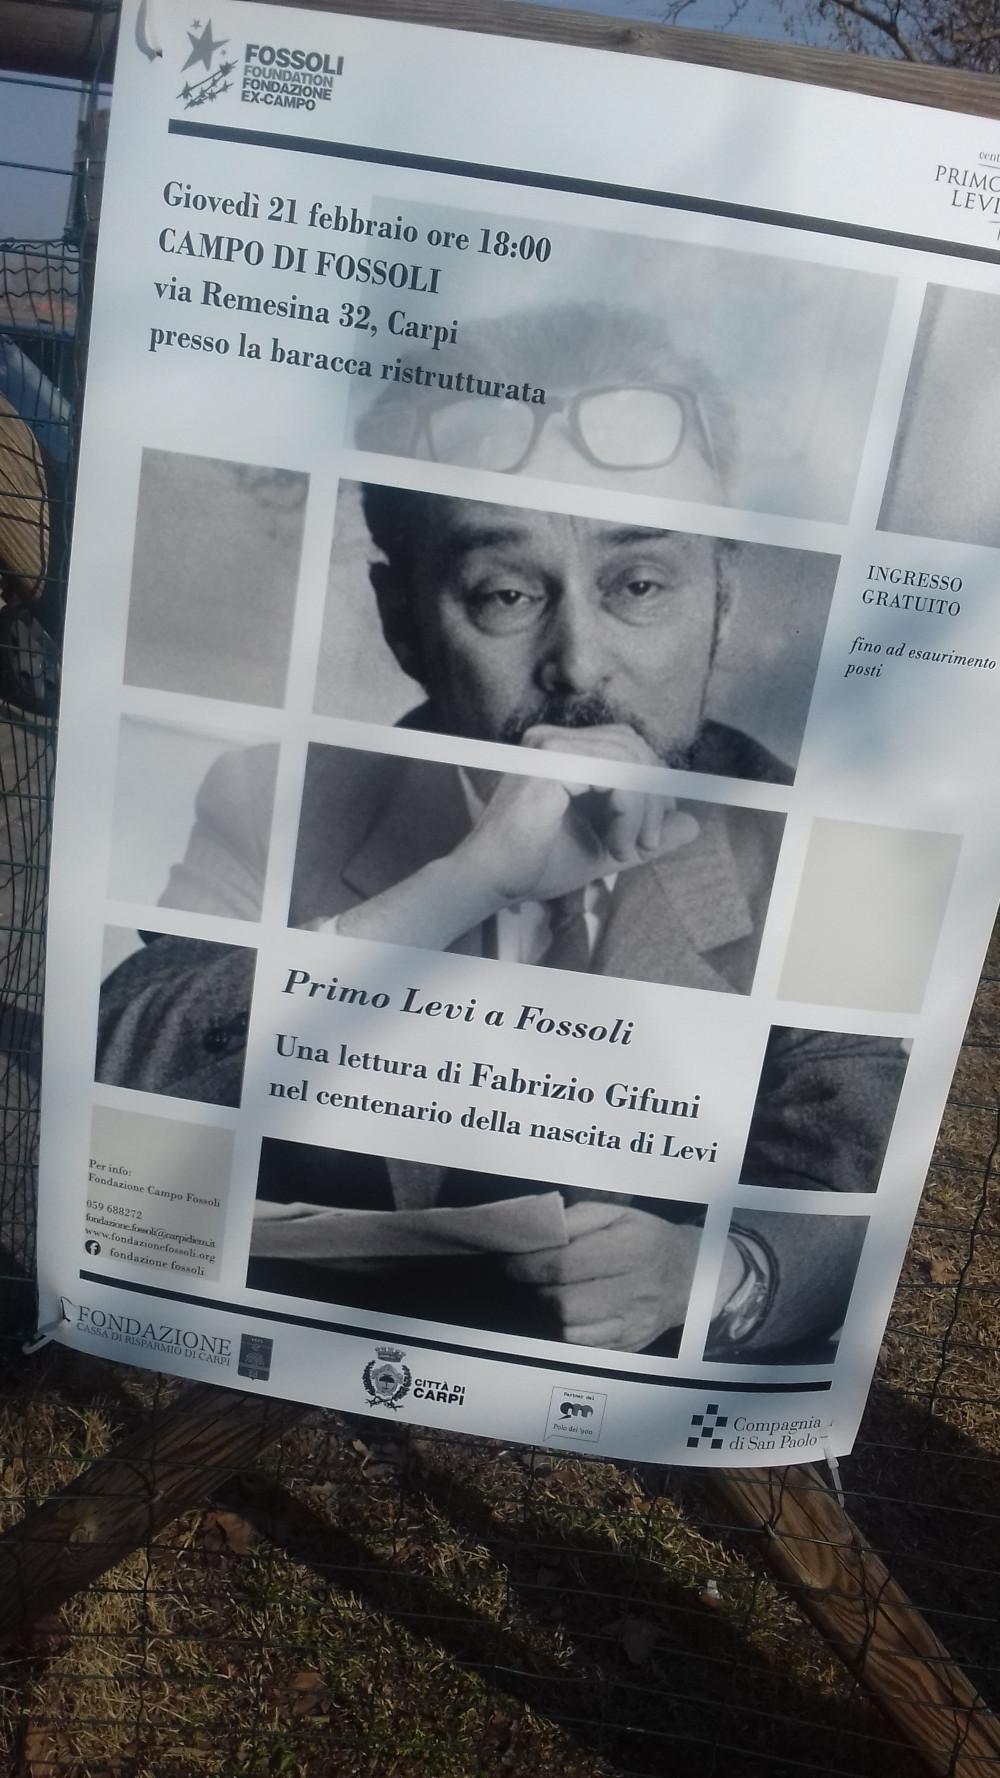 Manifesto affisso sul cancello del campo di Fossoli (2019)